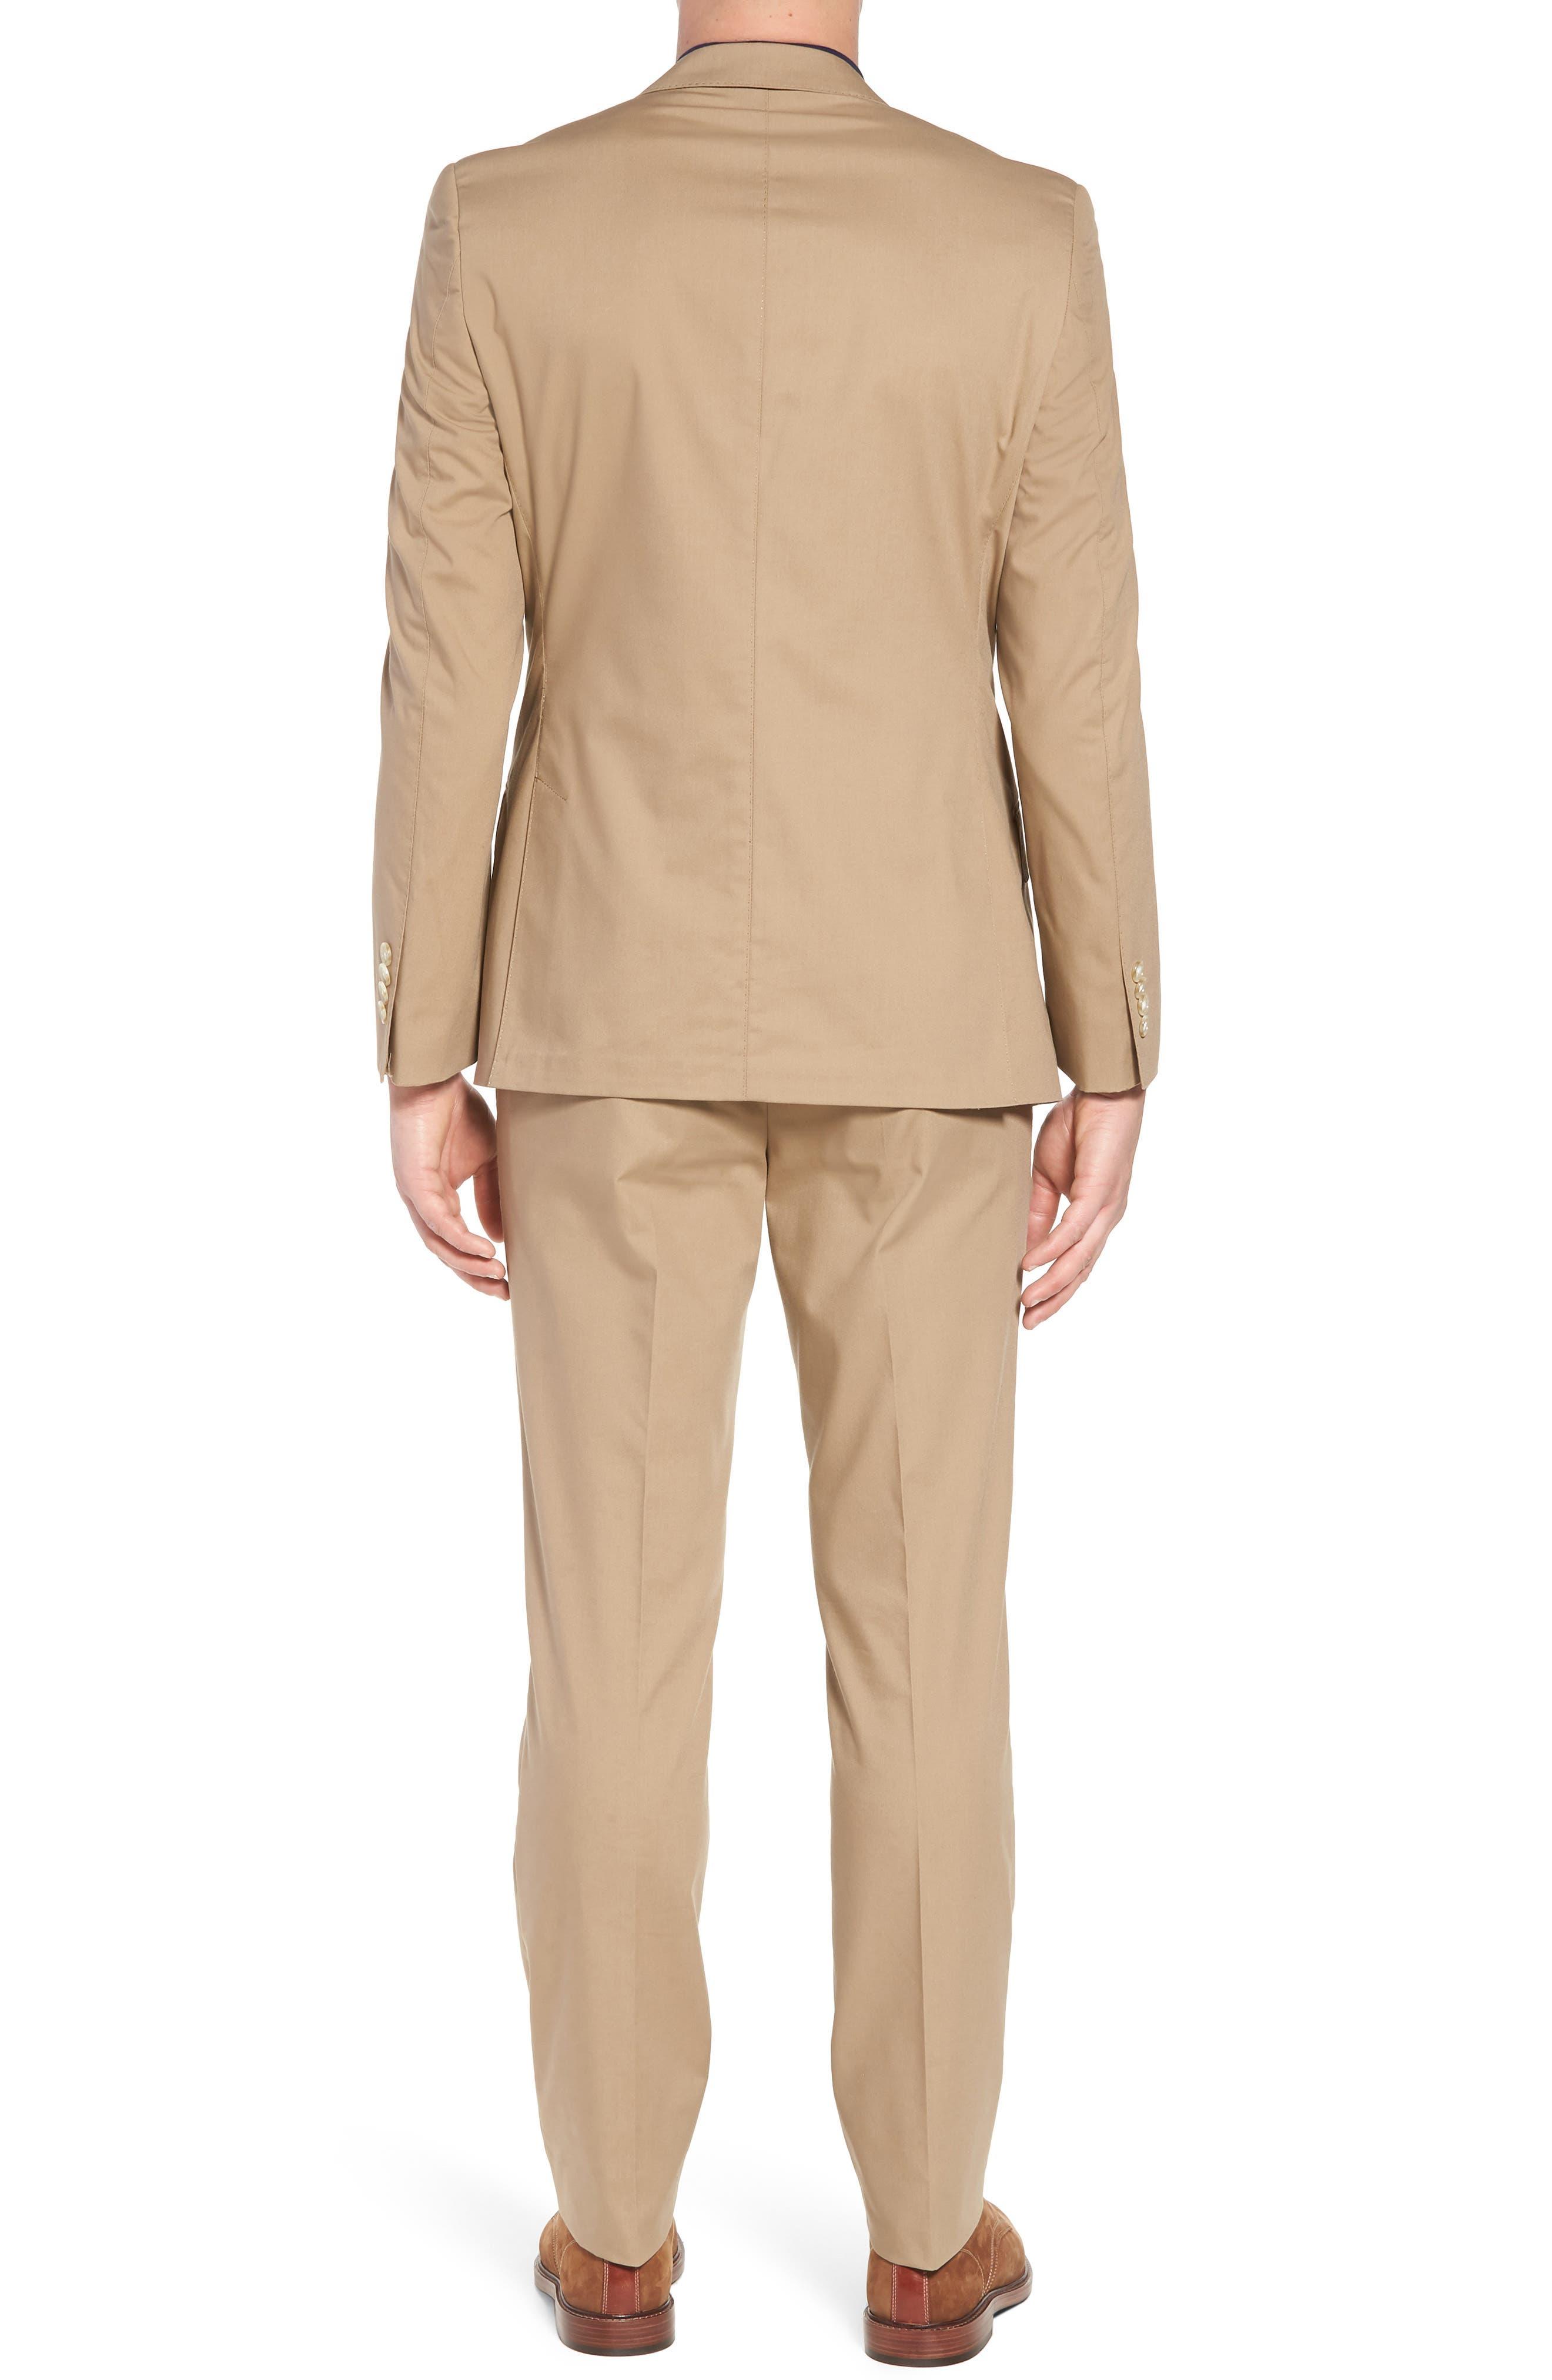 Irons AIM Classic Fit Solid Cotton Blend Suit,                             Alternate thumbnail 2, color,                             Khaki